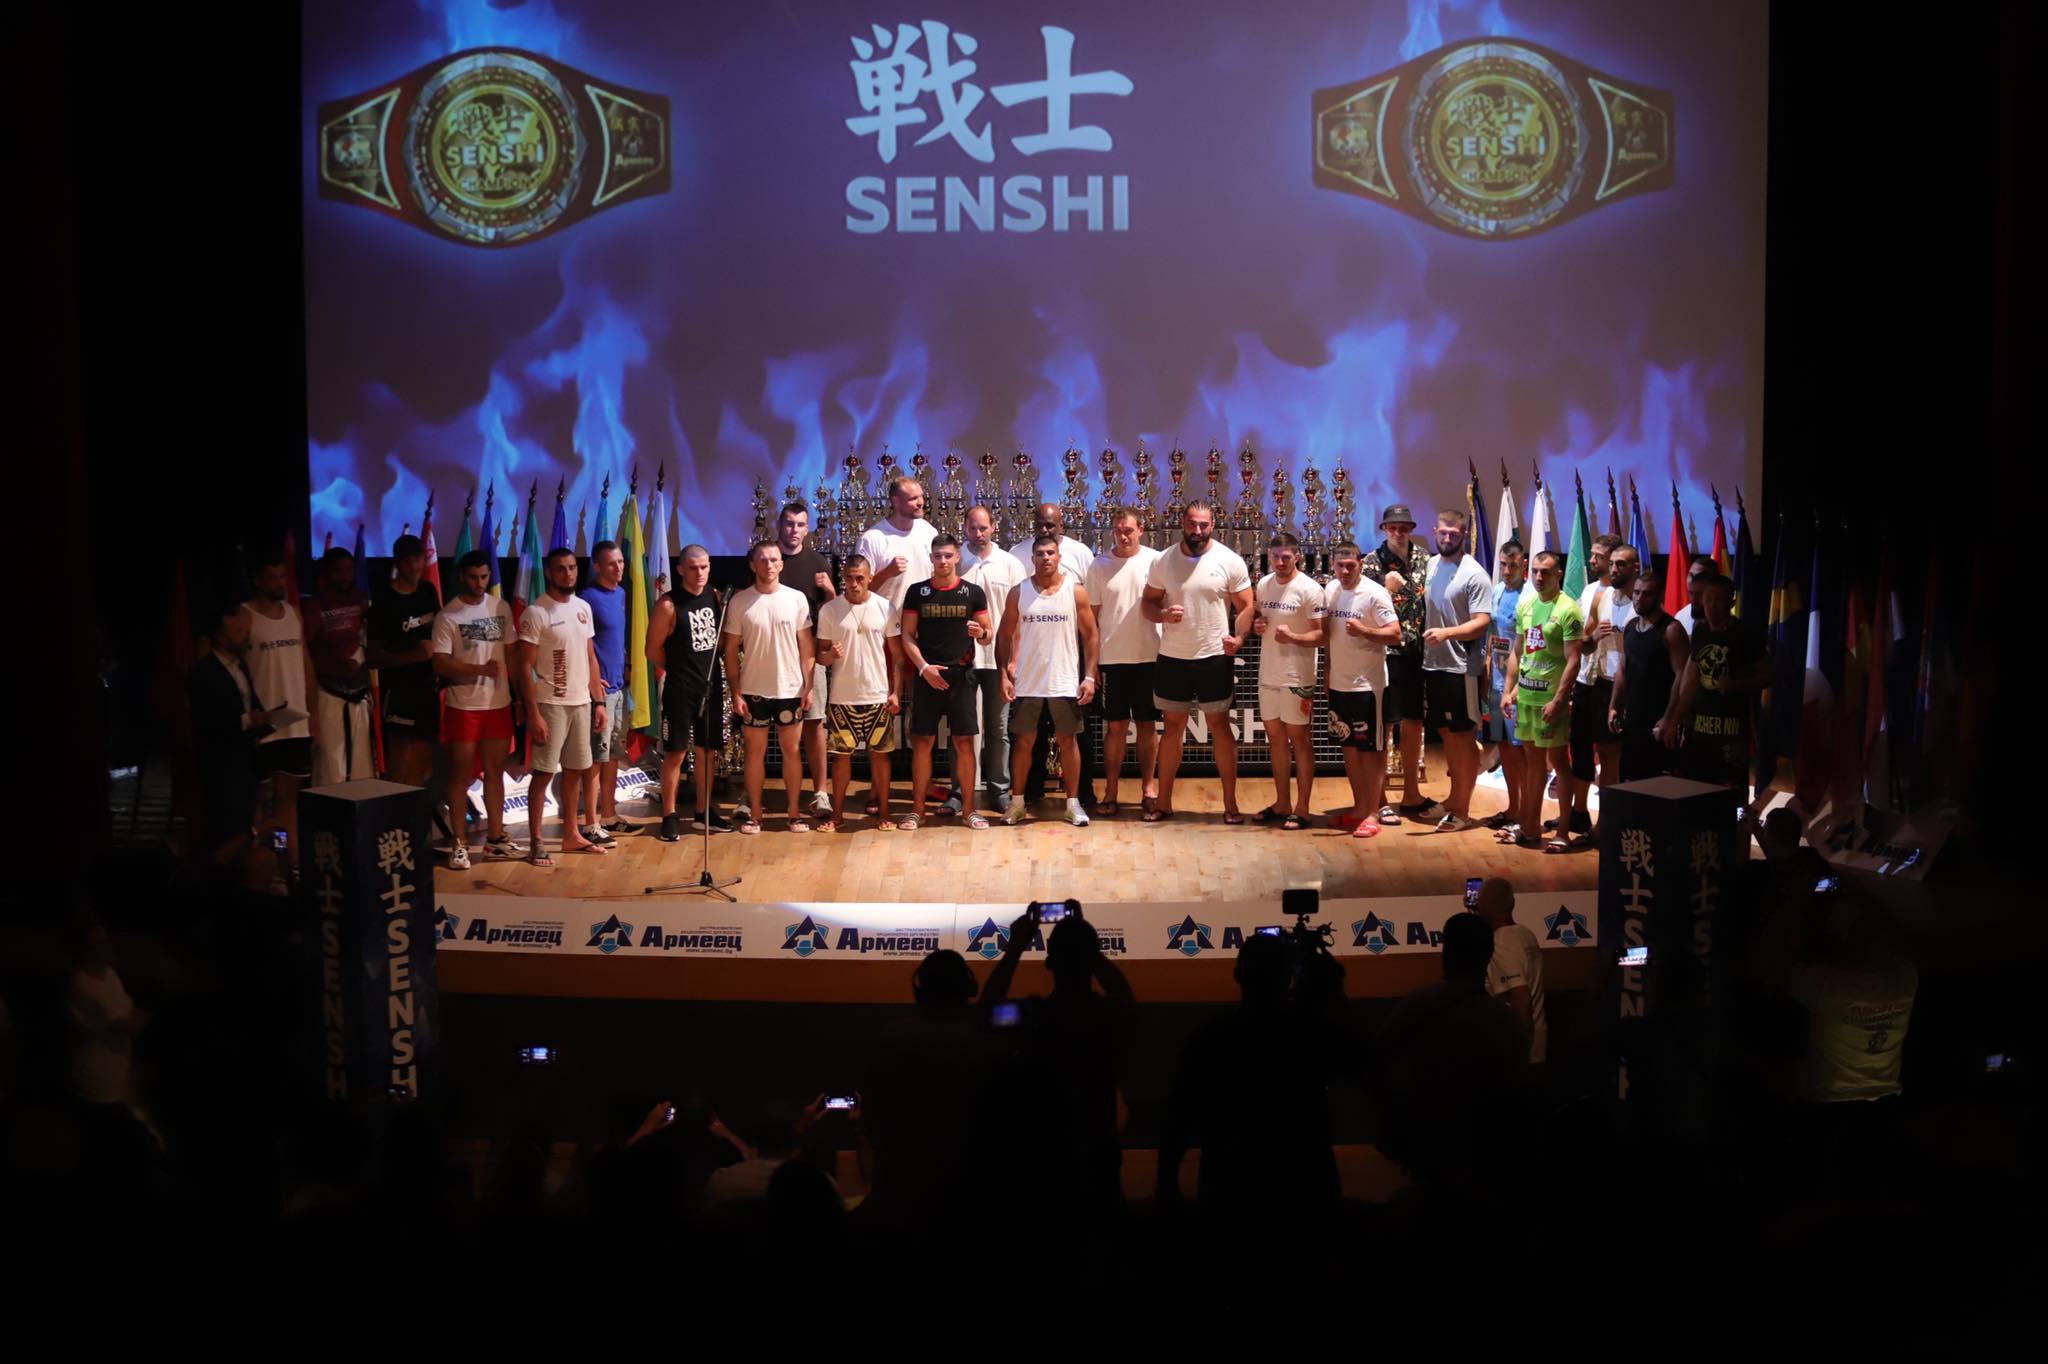 Спортсменско поведение и успешен кантар за бойците от SENSHI 9